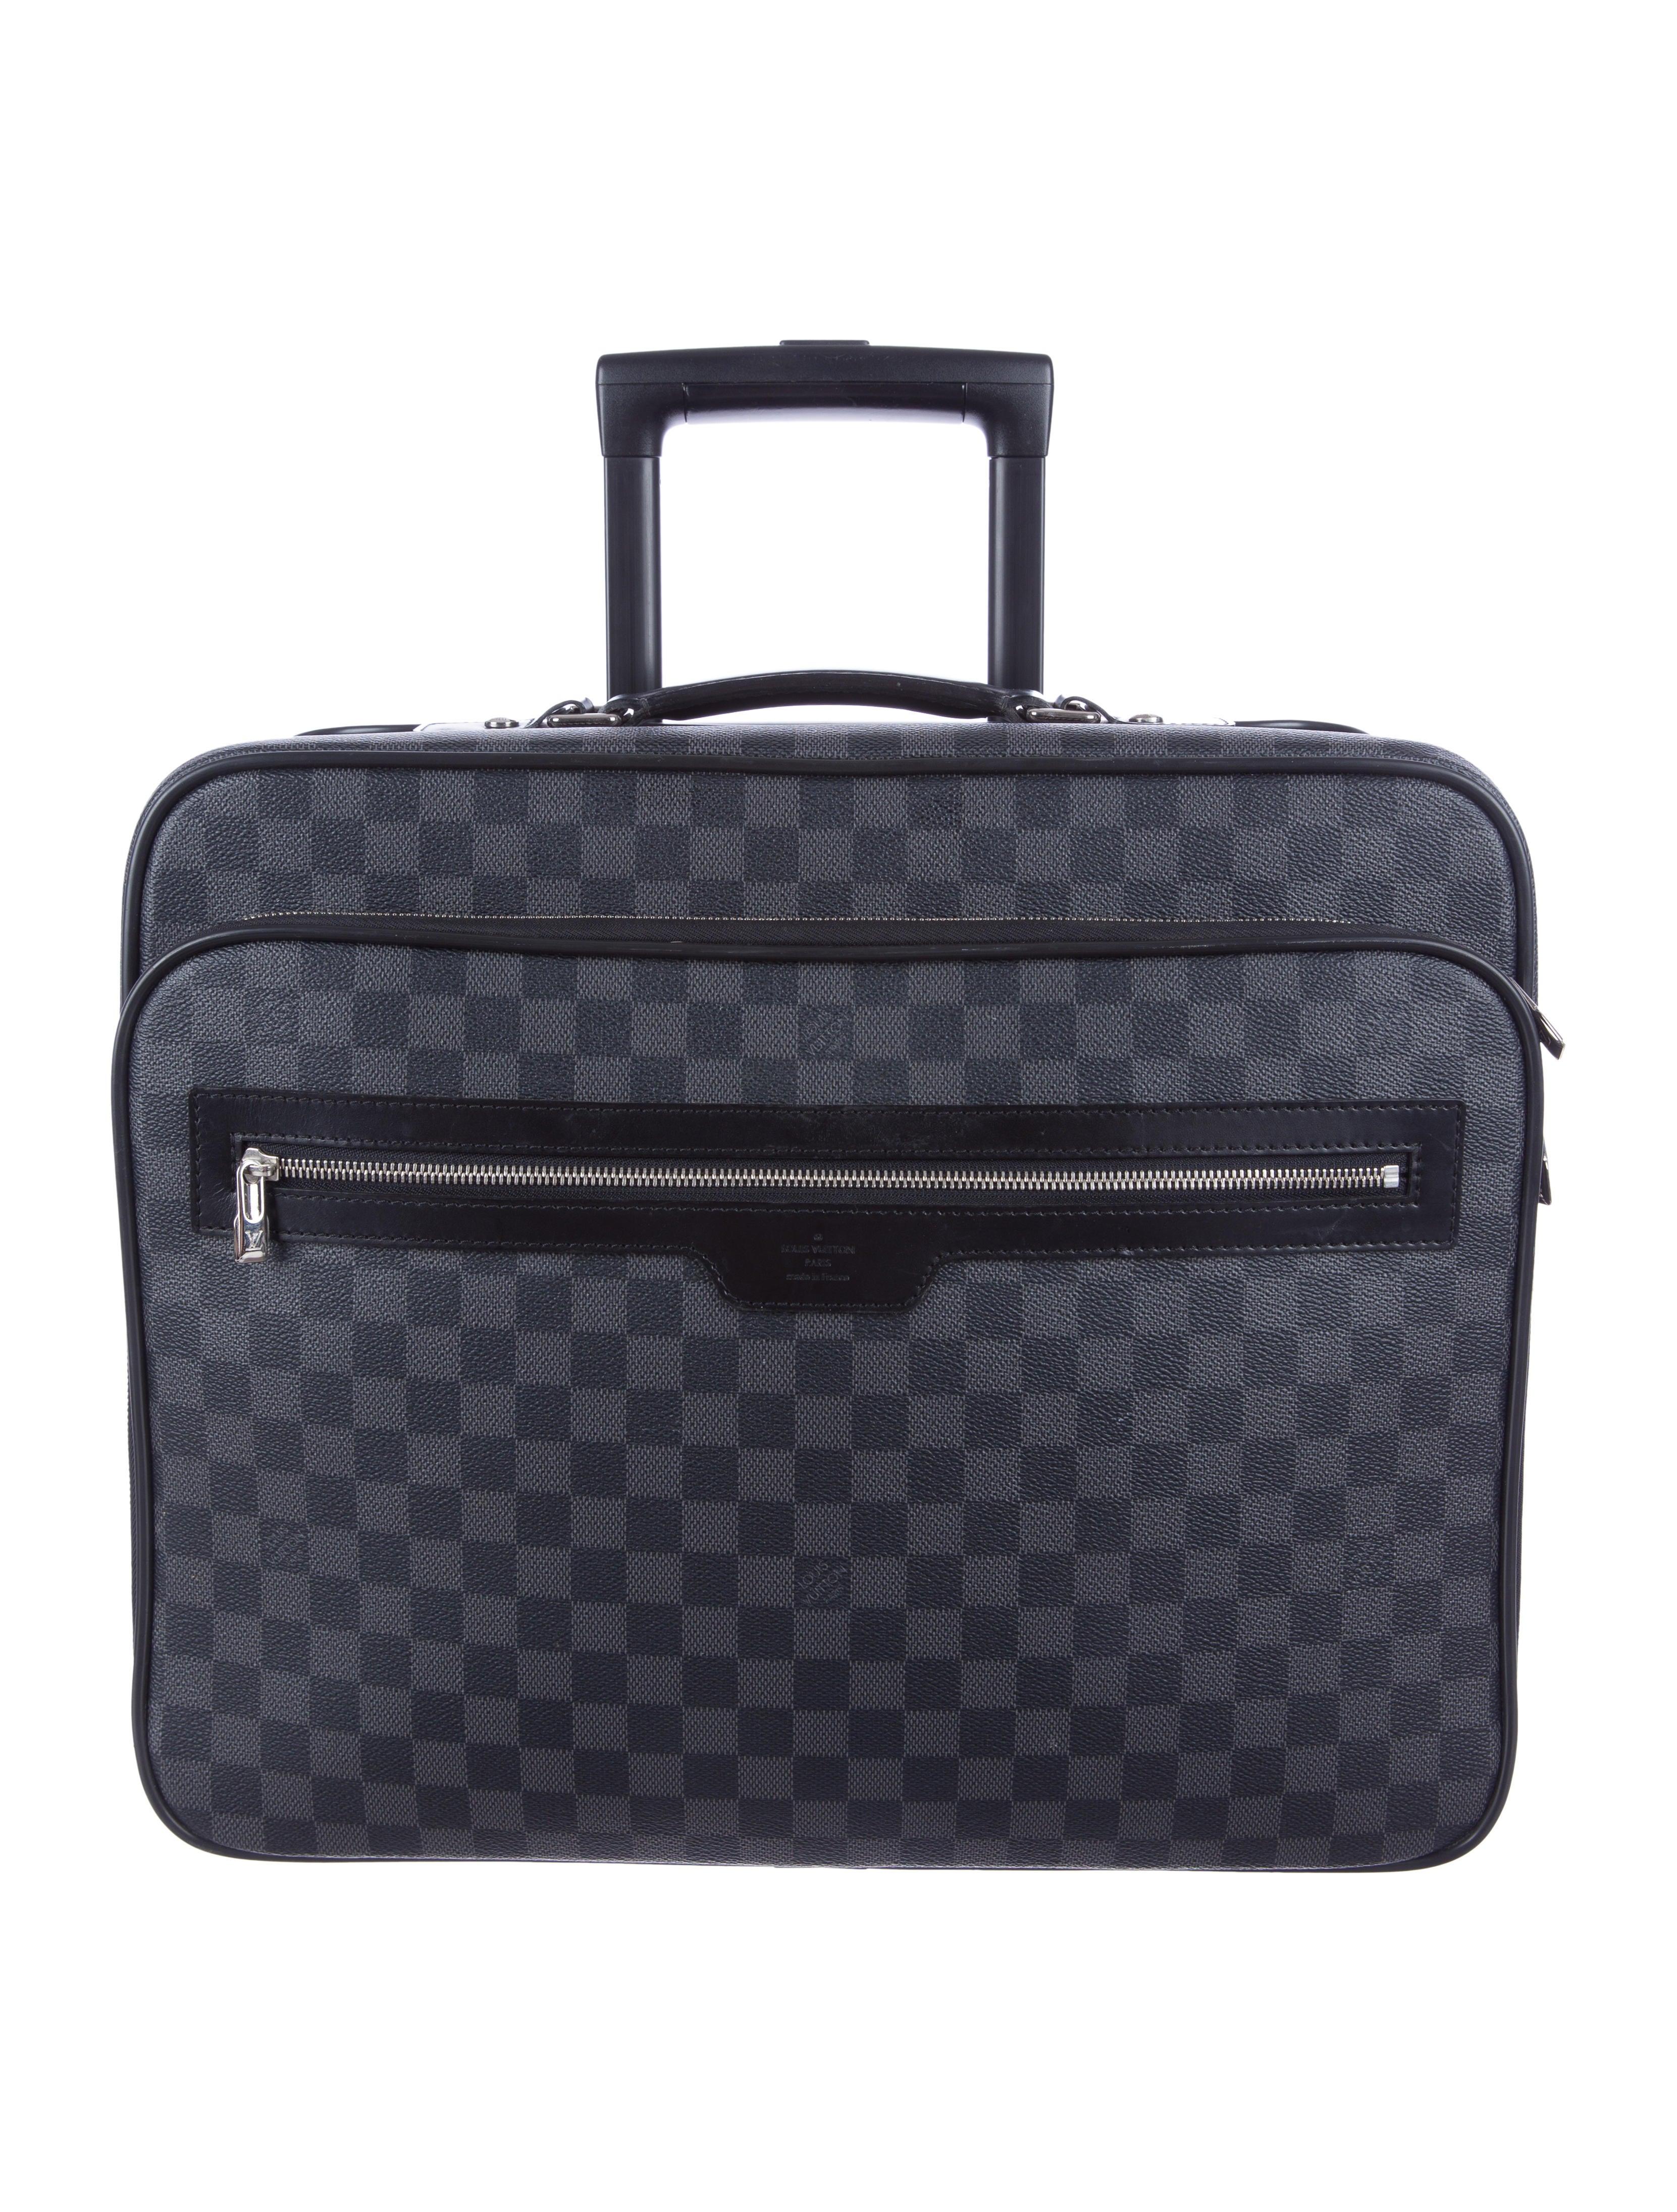 2c2bd3591d0 Louis Vuitton Damier Graphite Pilot Case - Bags - LOU45073